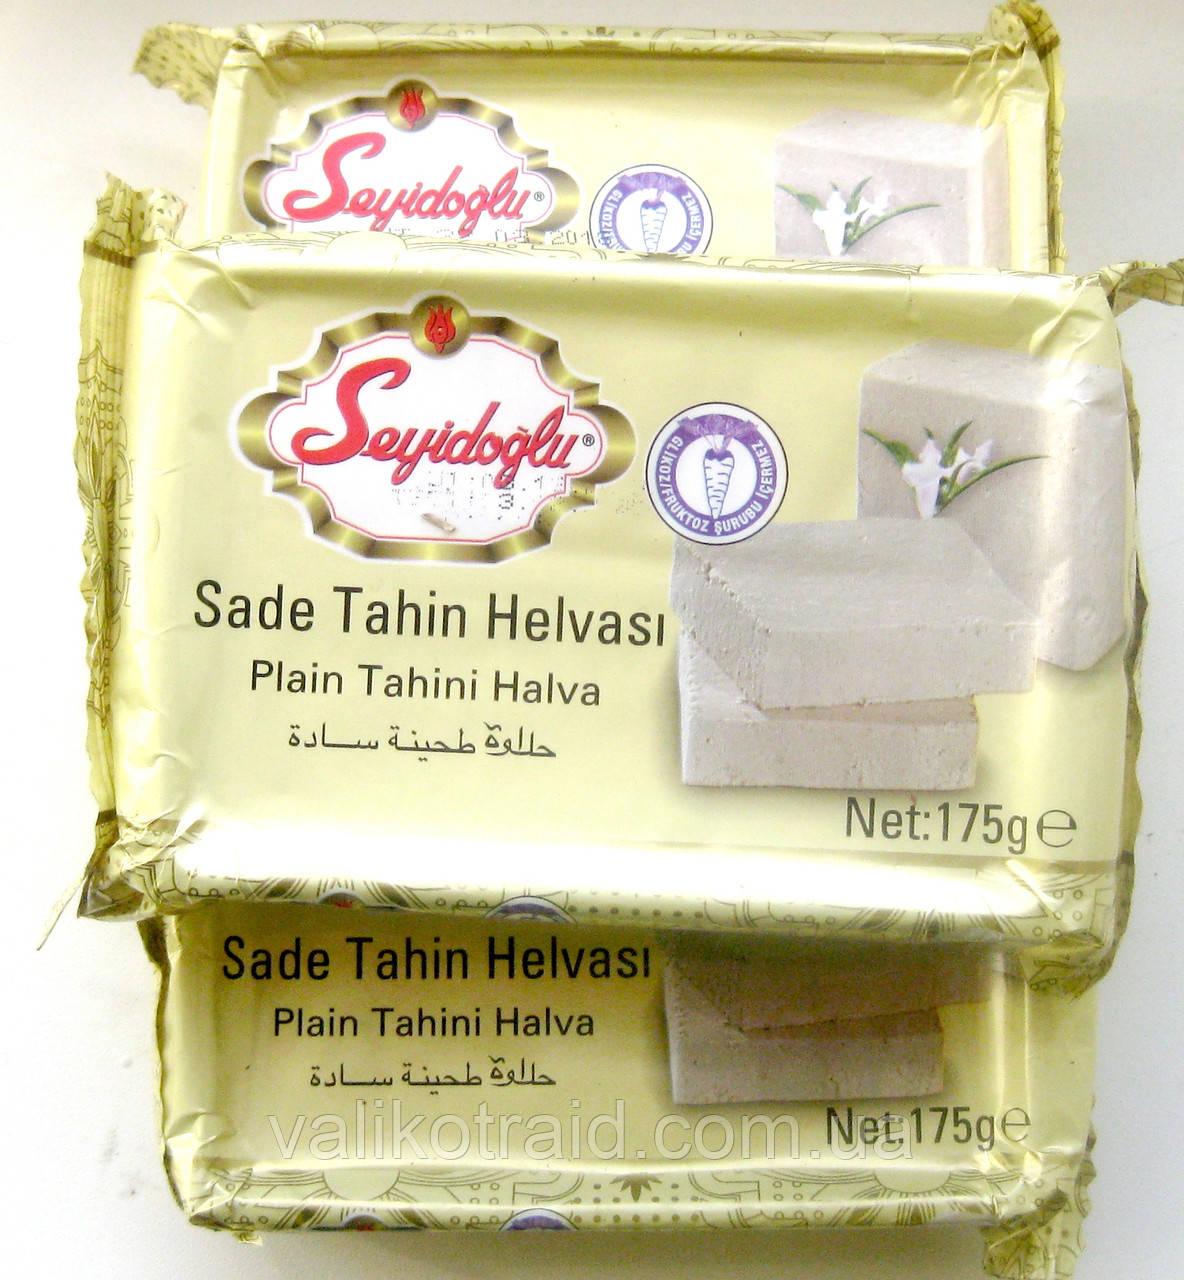 Сезам халва Seyidoglu  ваниль , турецкие сладости  ,вес 175г